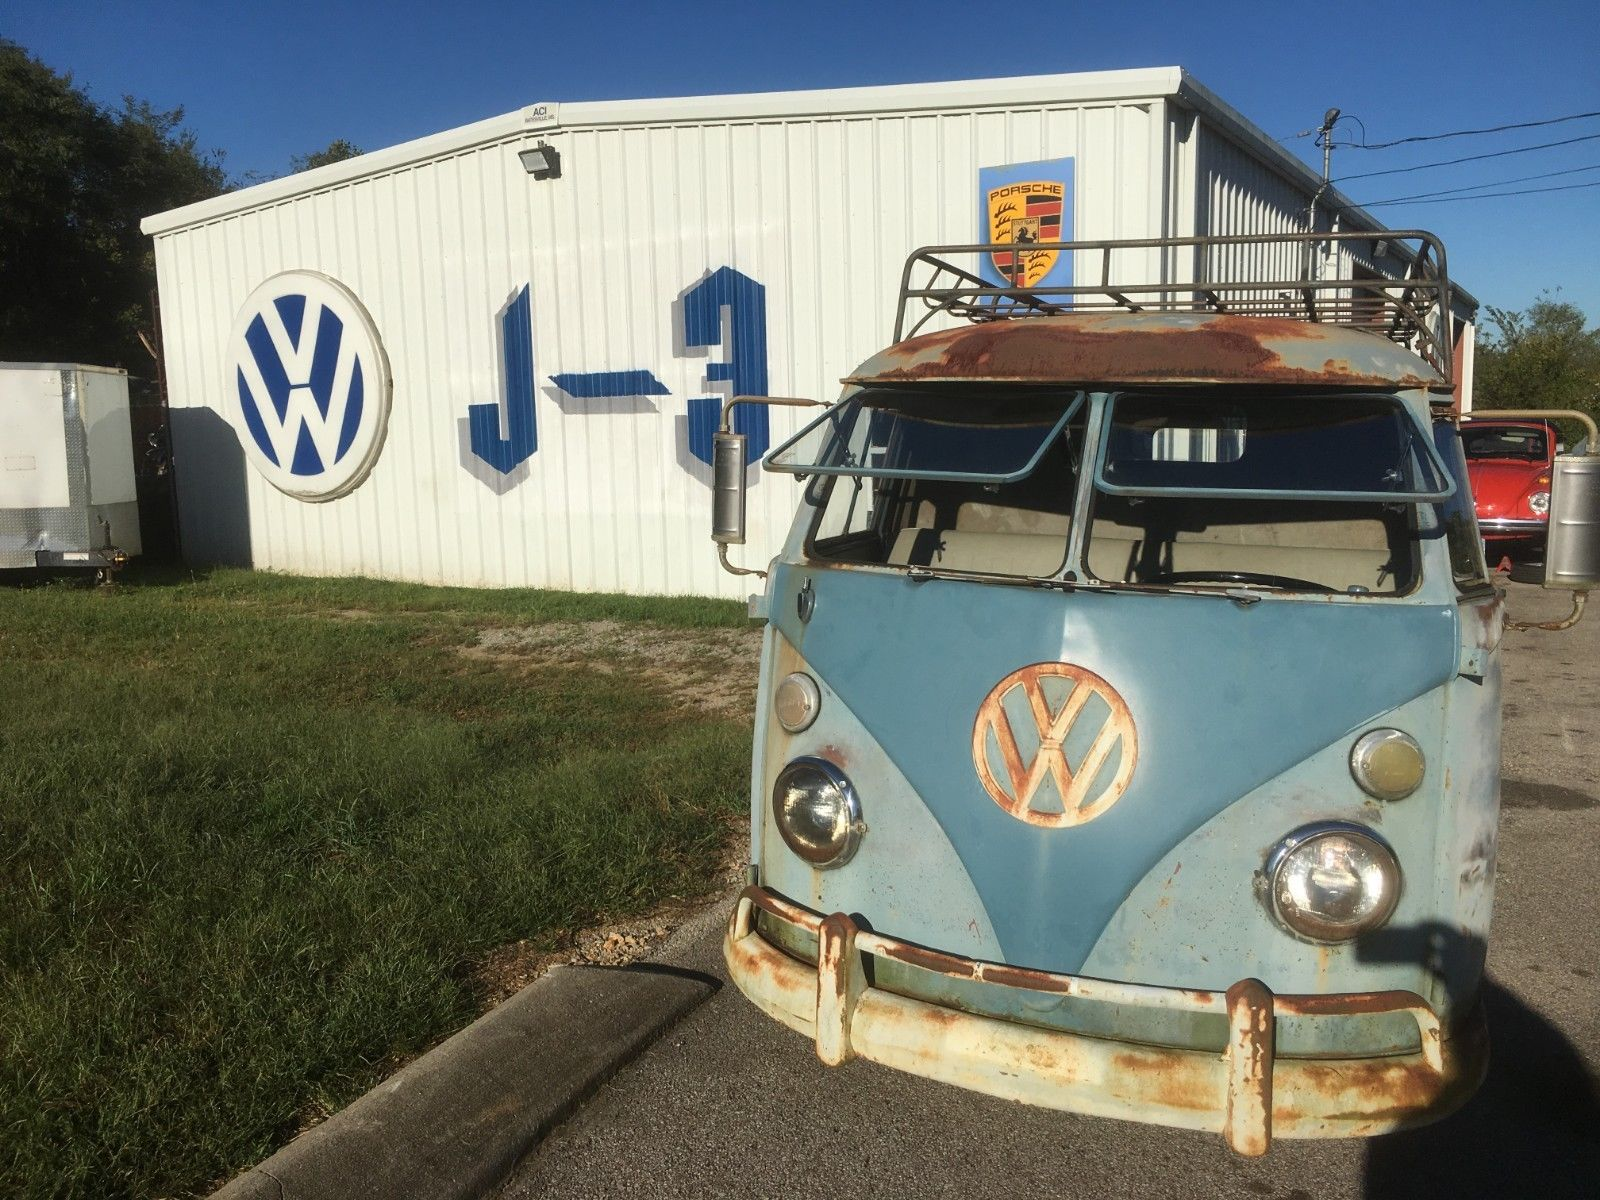 1962 Volkswagen Vanagon parked outside